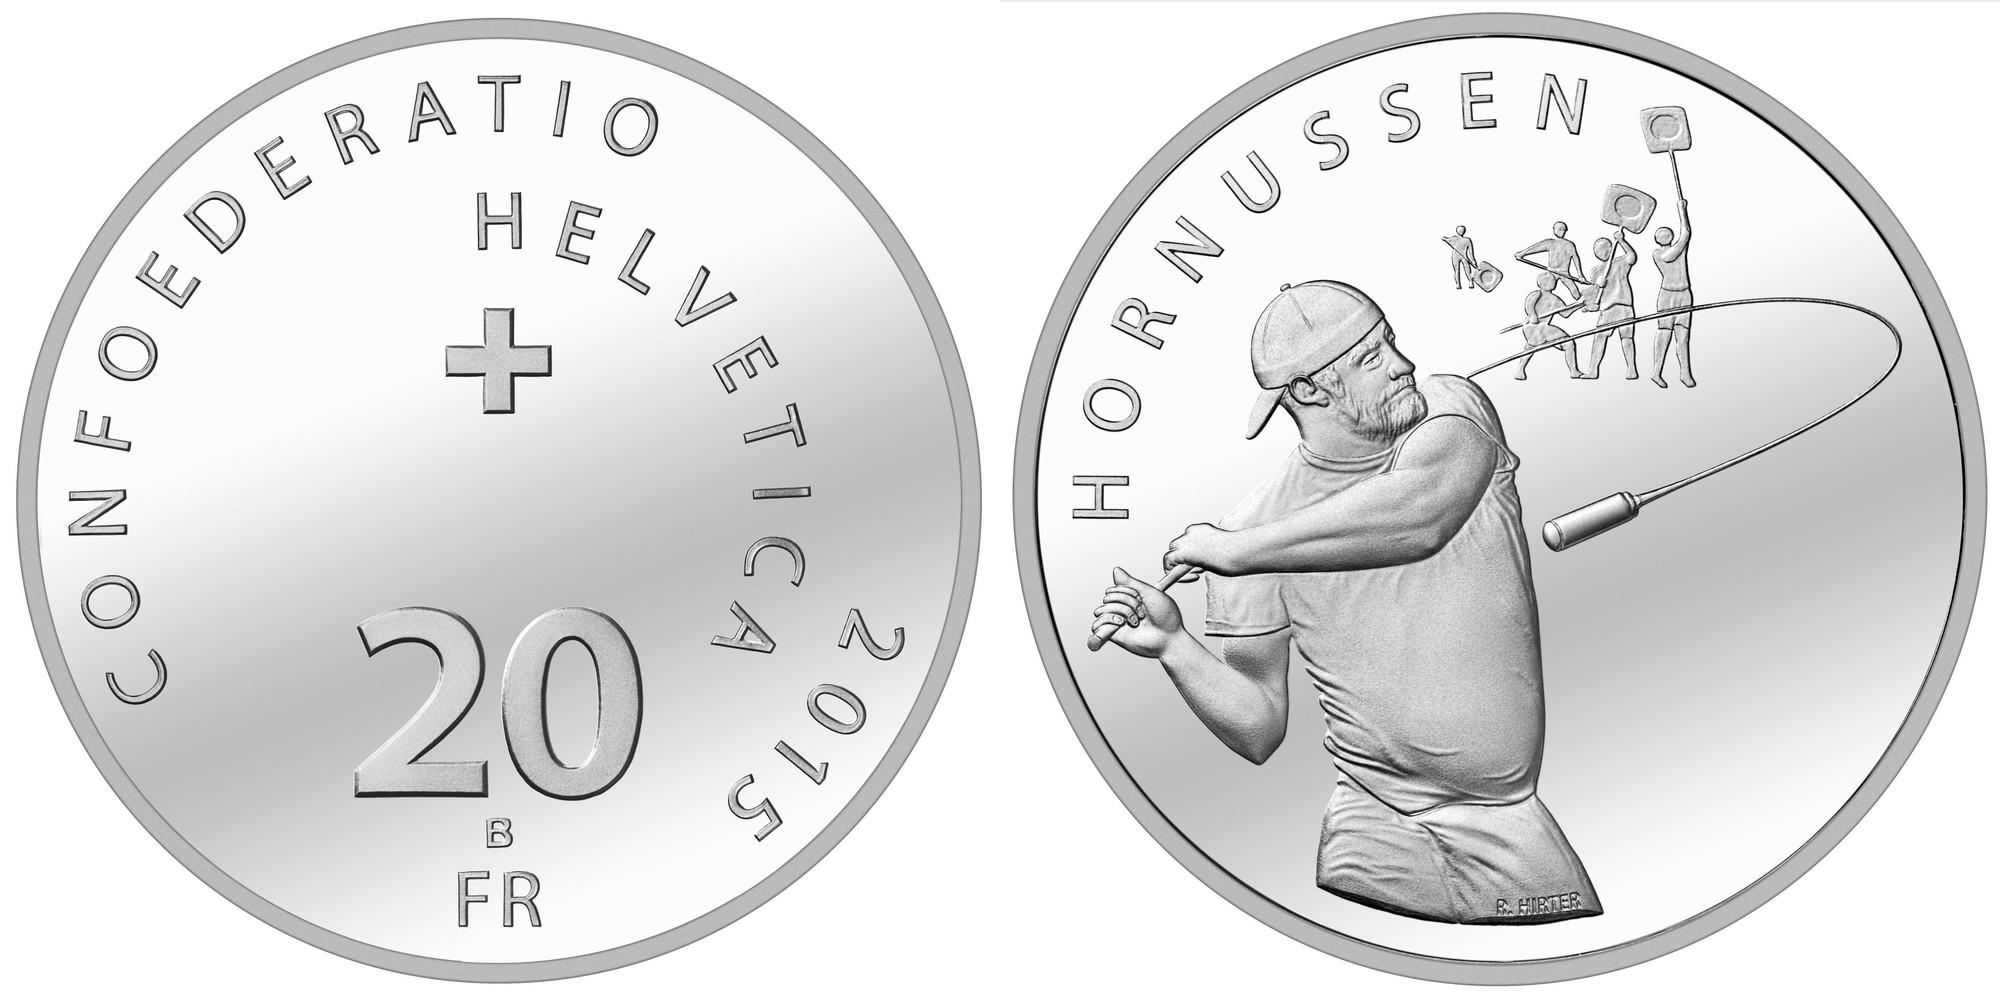 suisse 2015 le hornuss.jpg